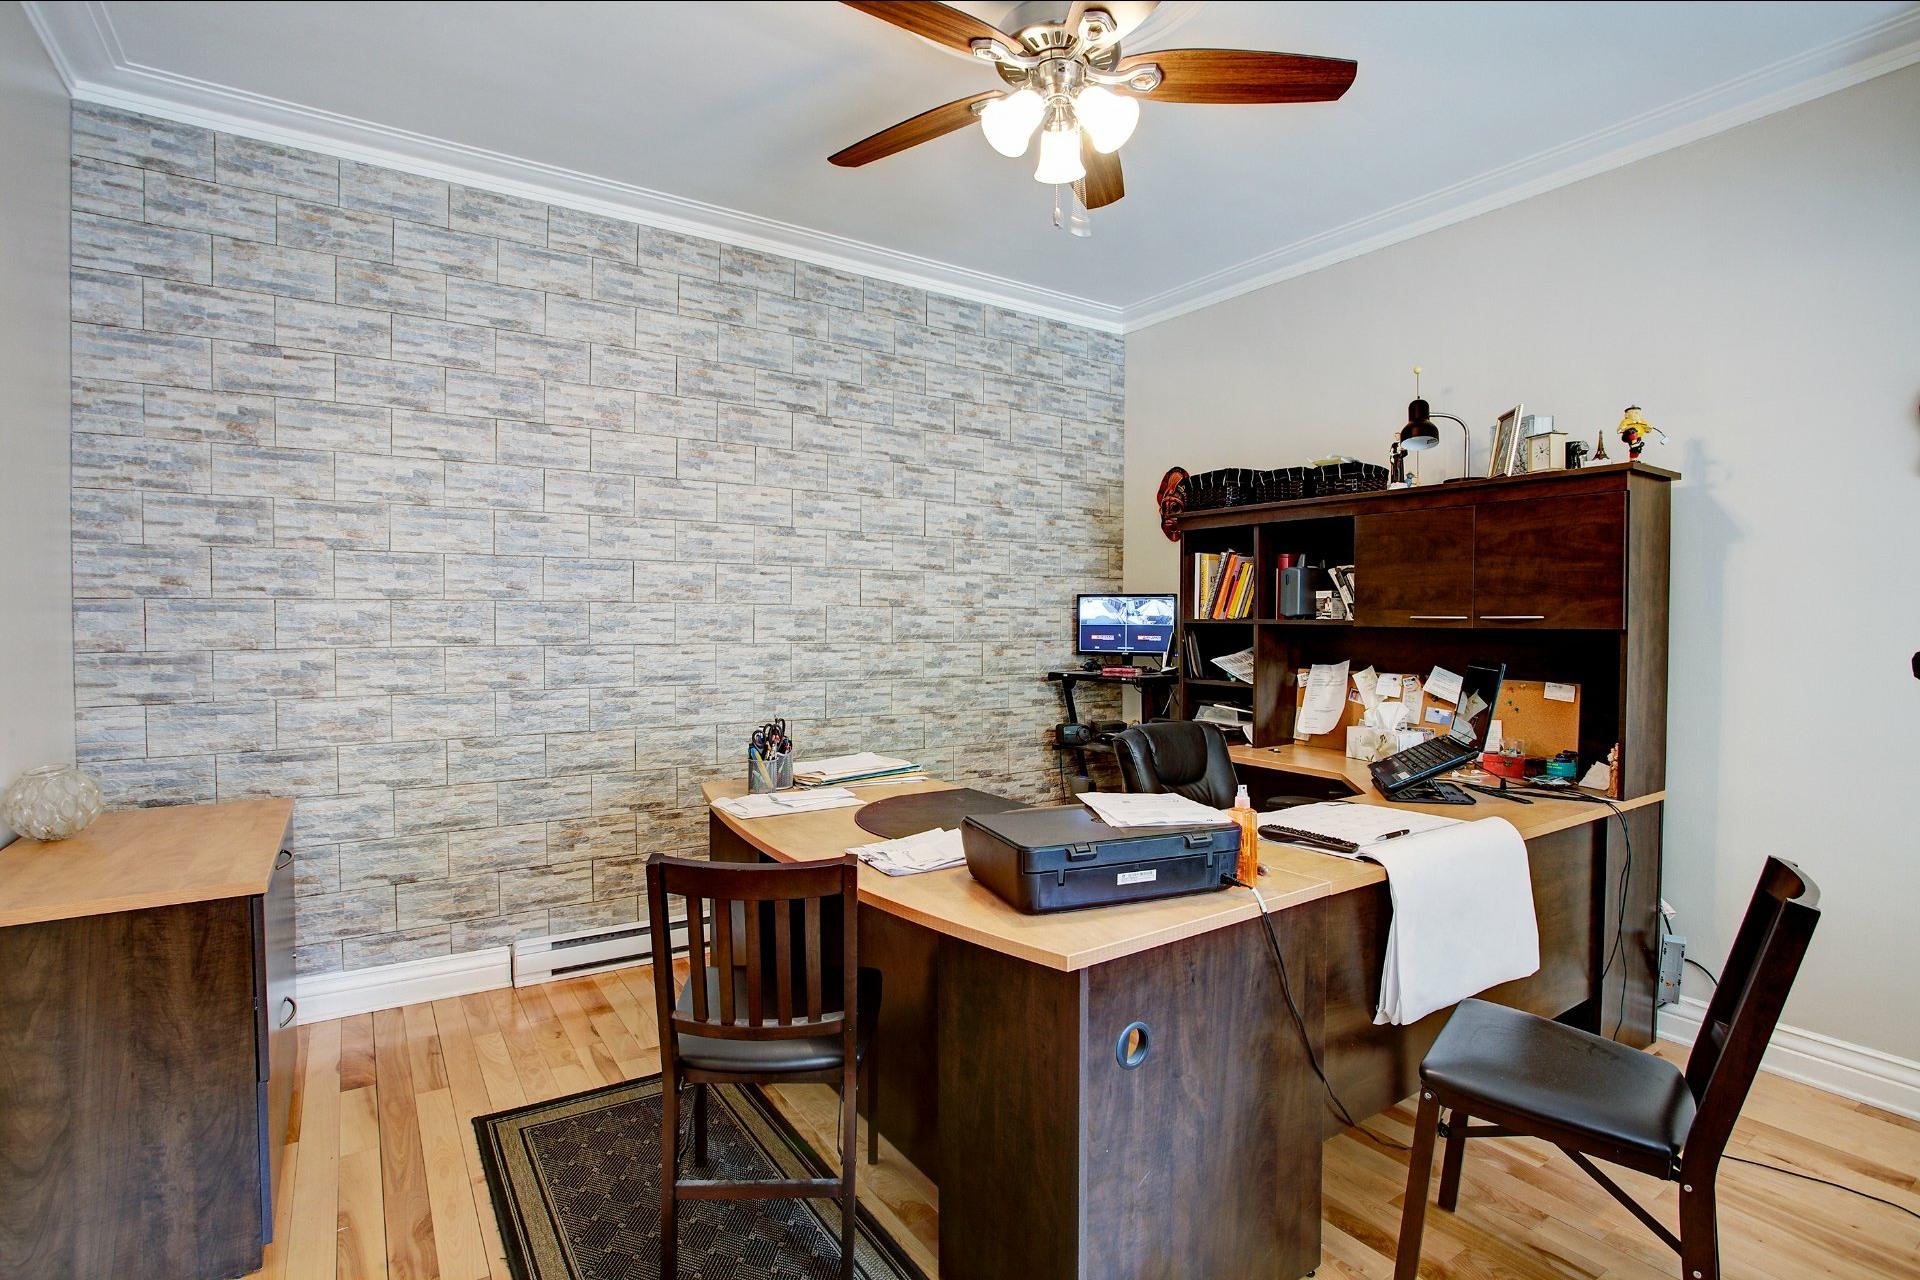 image 8 - Income property For sale Le Sud-Ouest Montréal  - 4 rooms